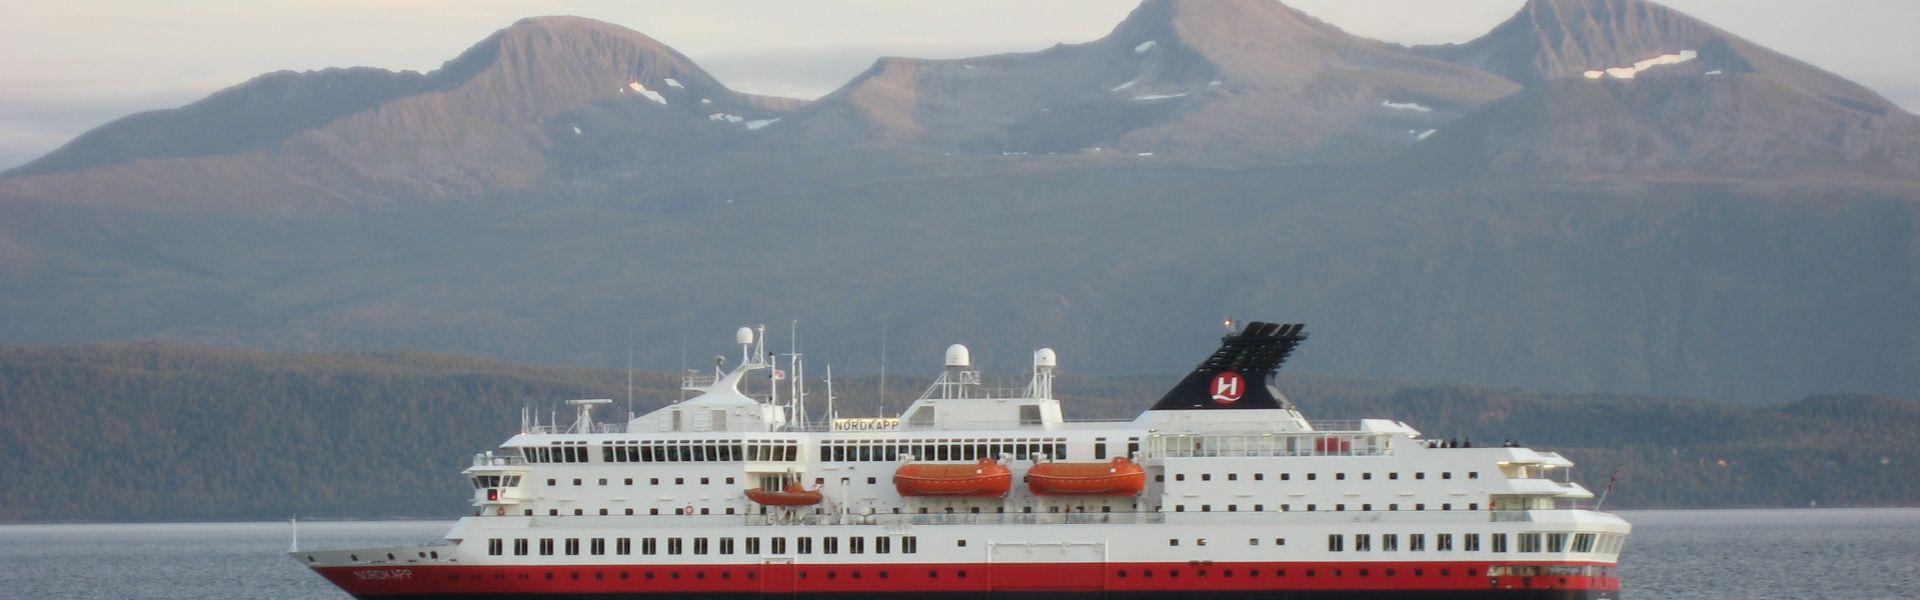 Croaziera 2017 - Scandinavia si Fiordurile Norvegiene (Kirkenes) - Hurtigruten - MS Nordkapp - 5 nopti